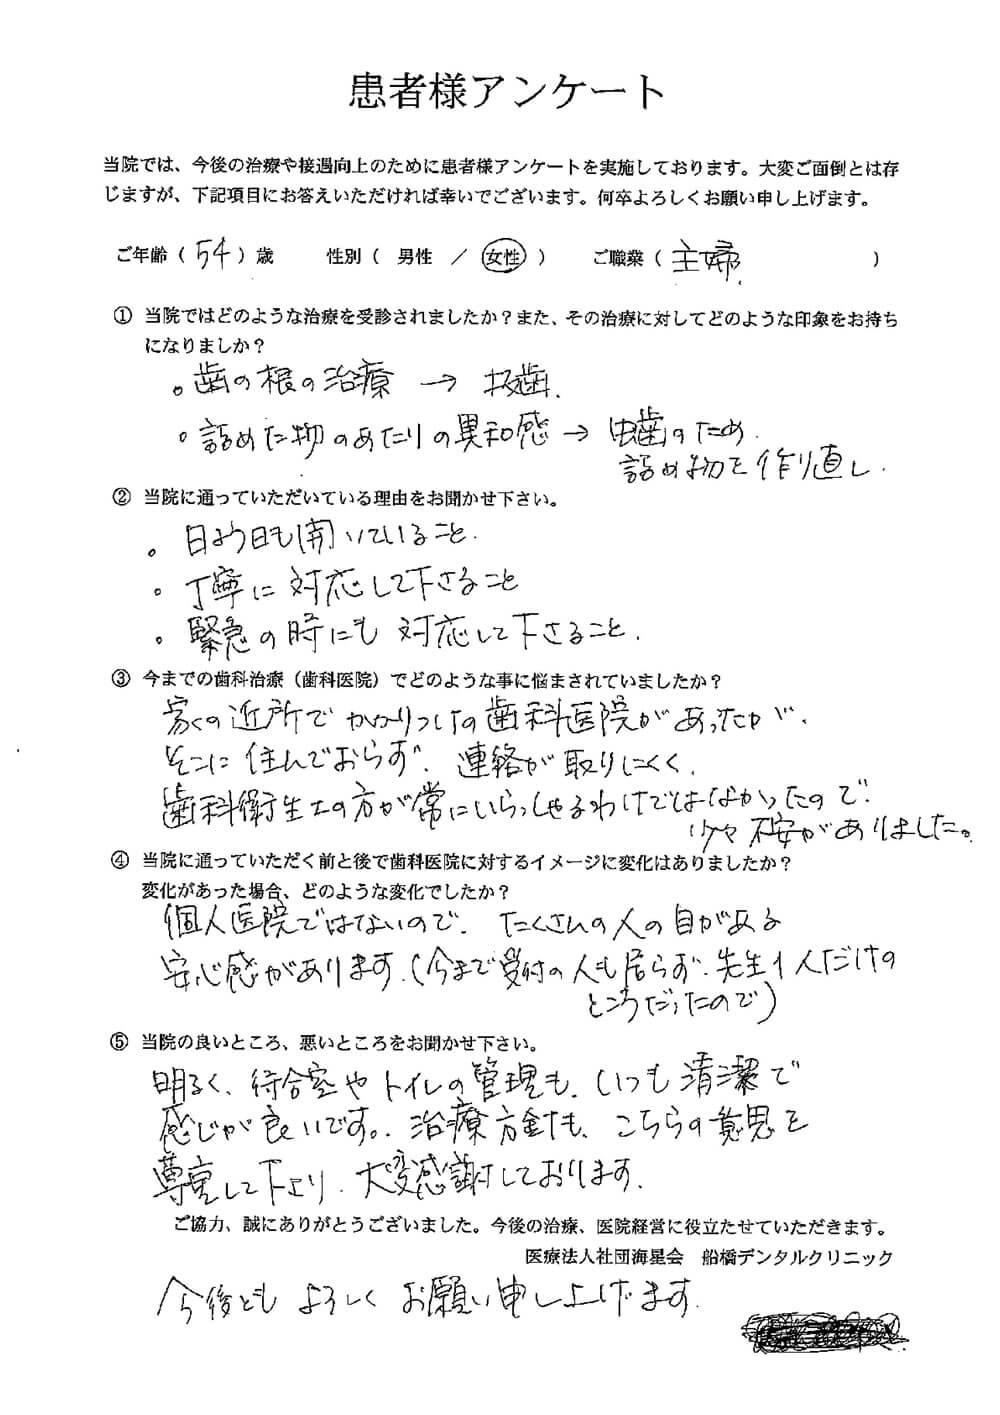 船橋デンタルクリニックの口コミ・評判アンケート1